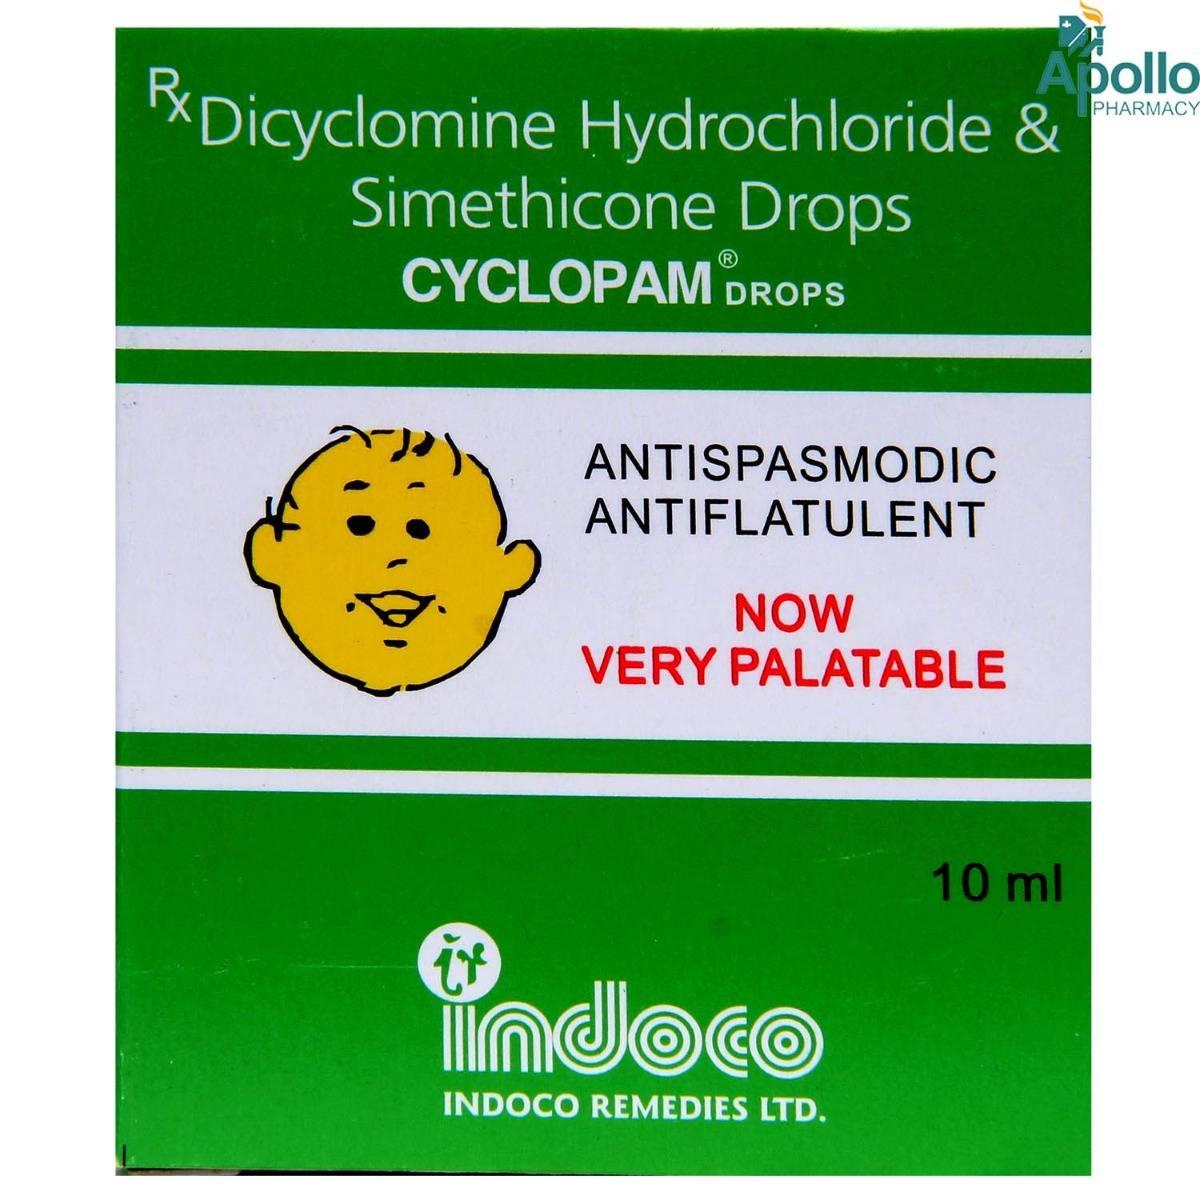 CYCLOPAM DROPS 10 ml